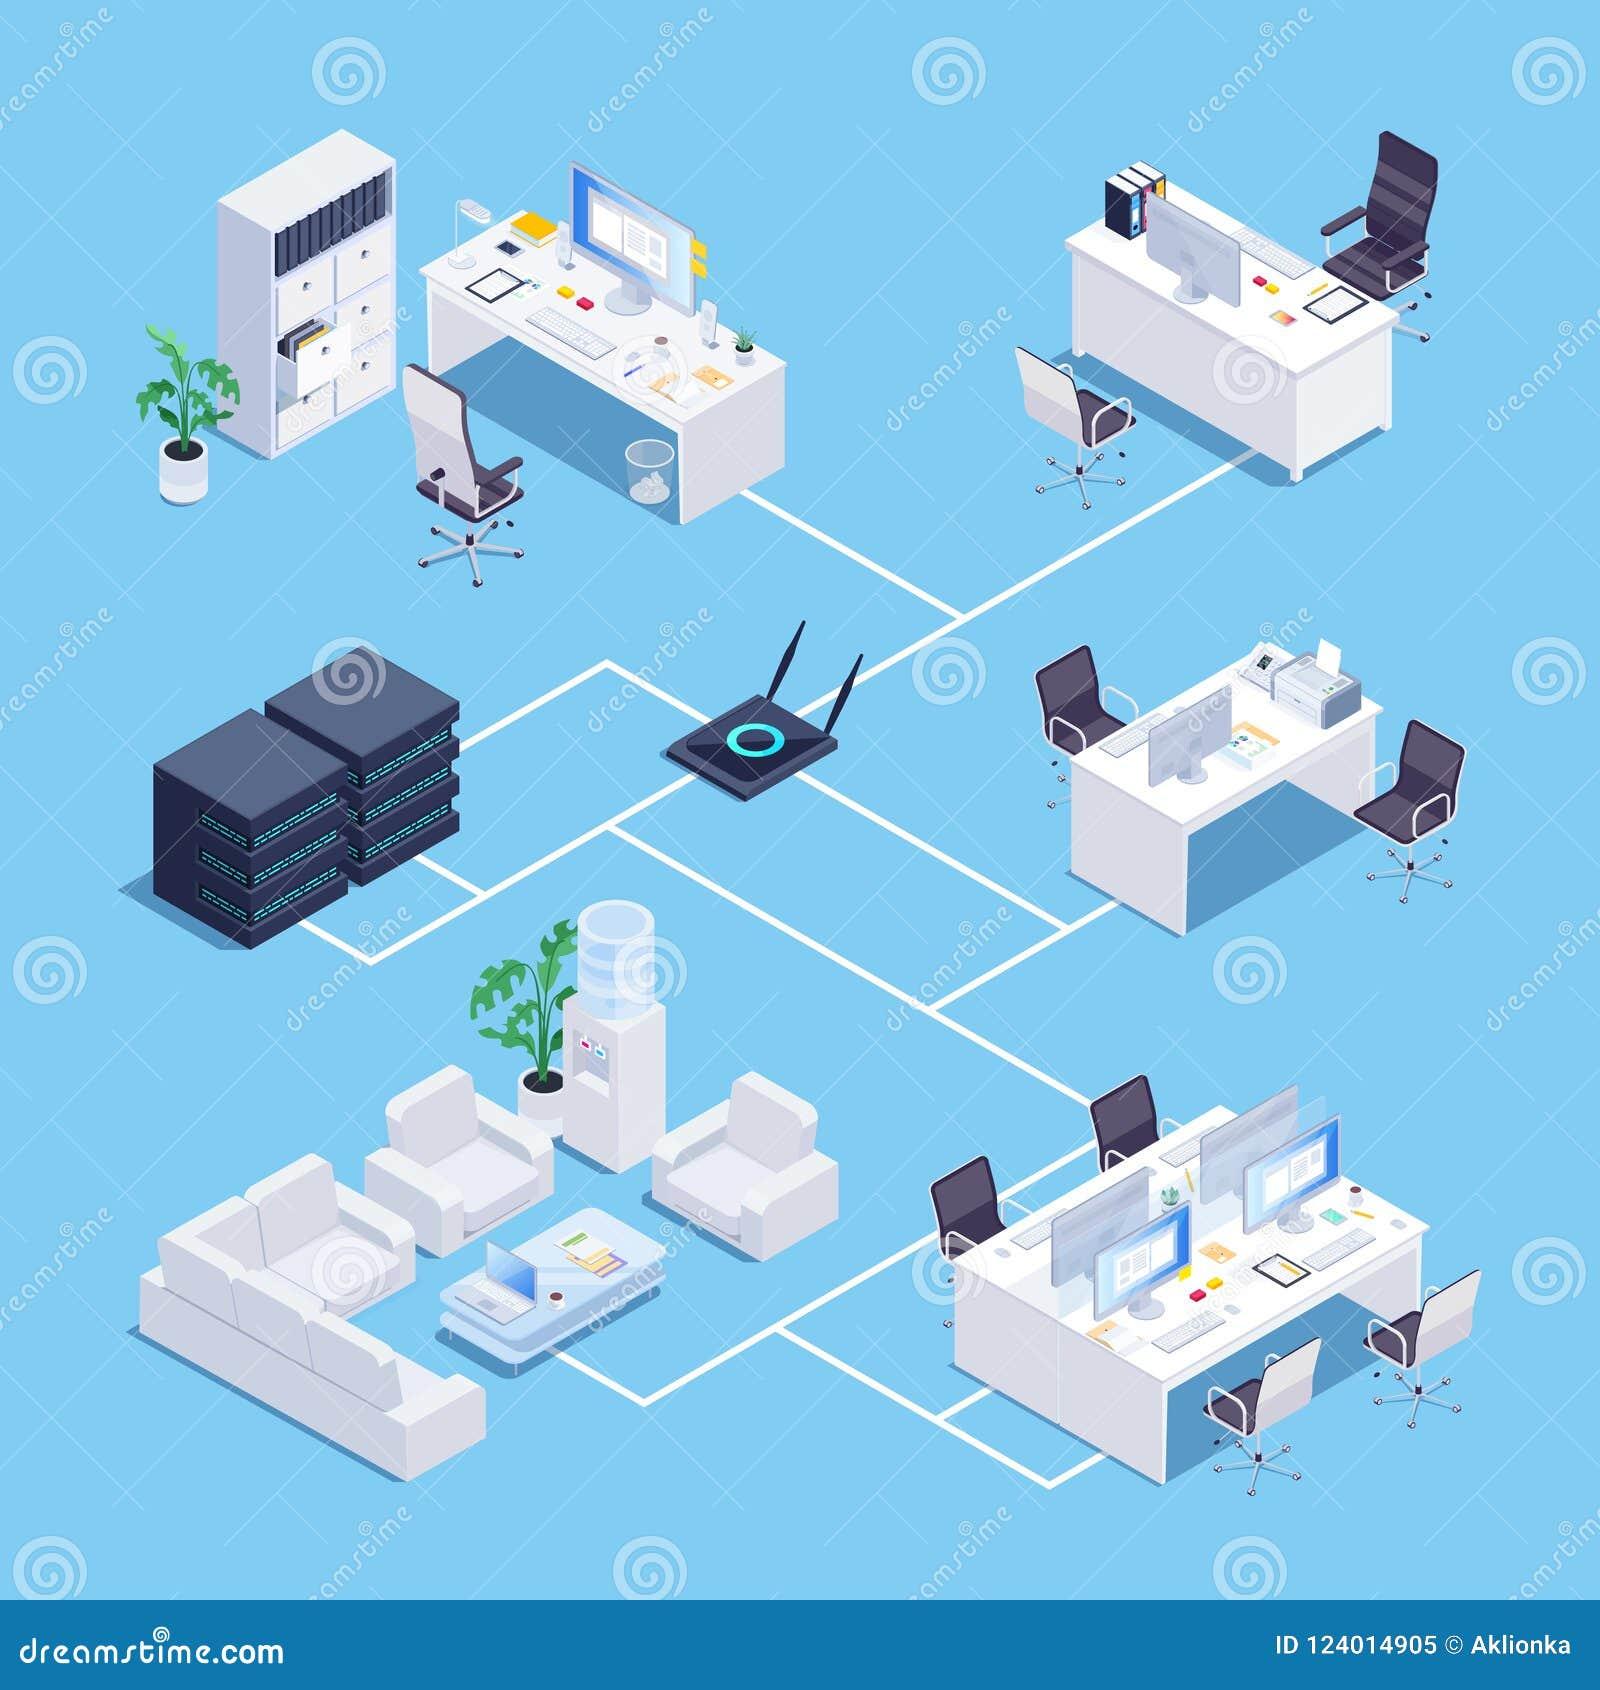 Isometrisches Konzept des lokalen Netzwerkes (LAN) im Büro